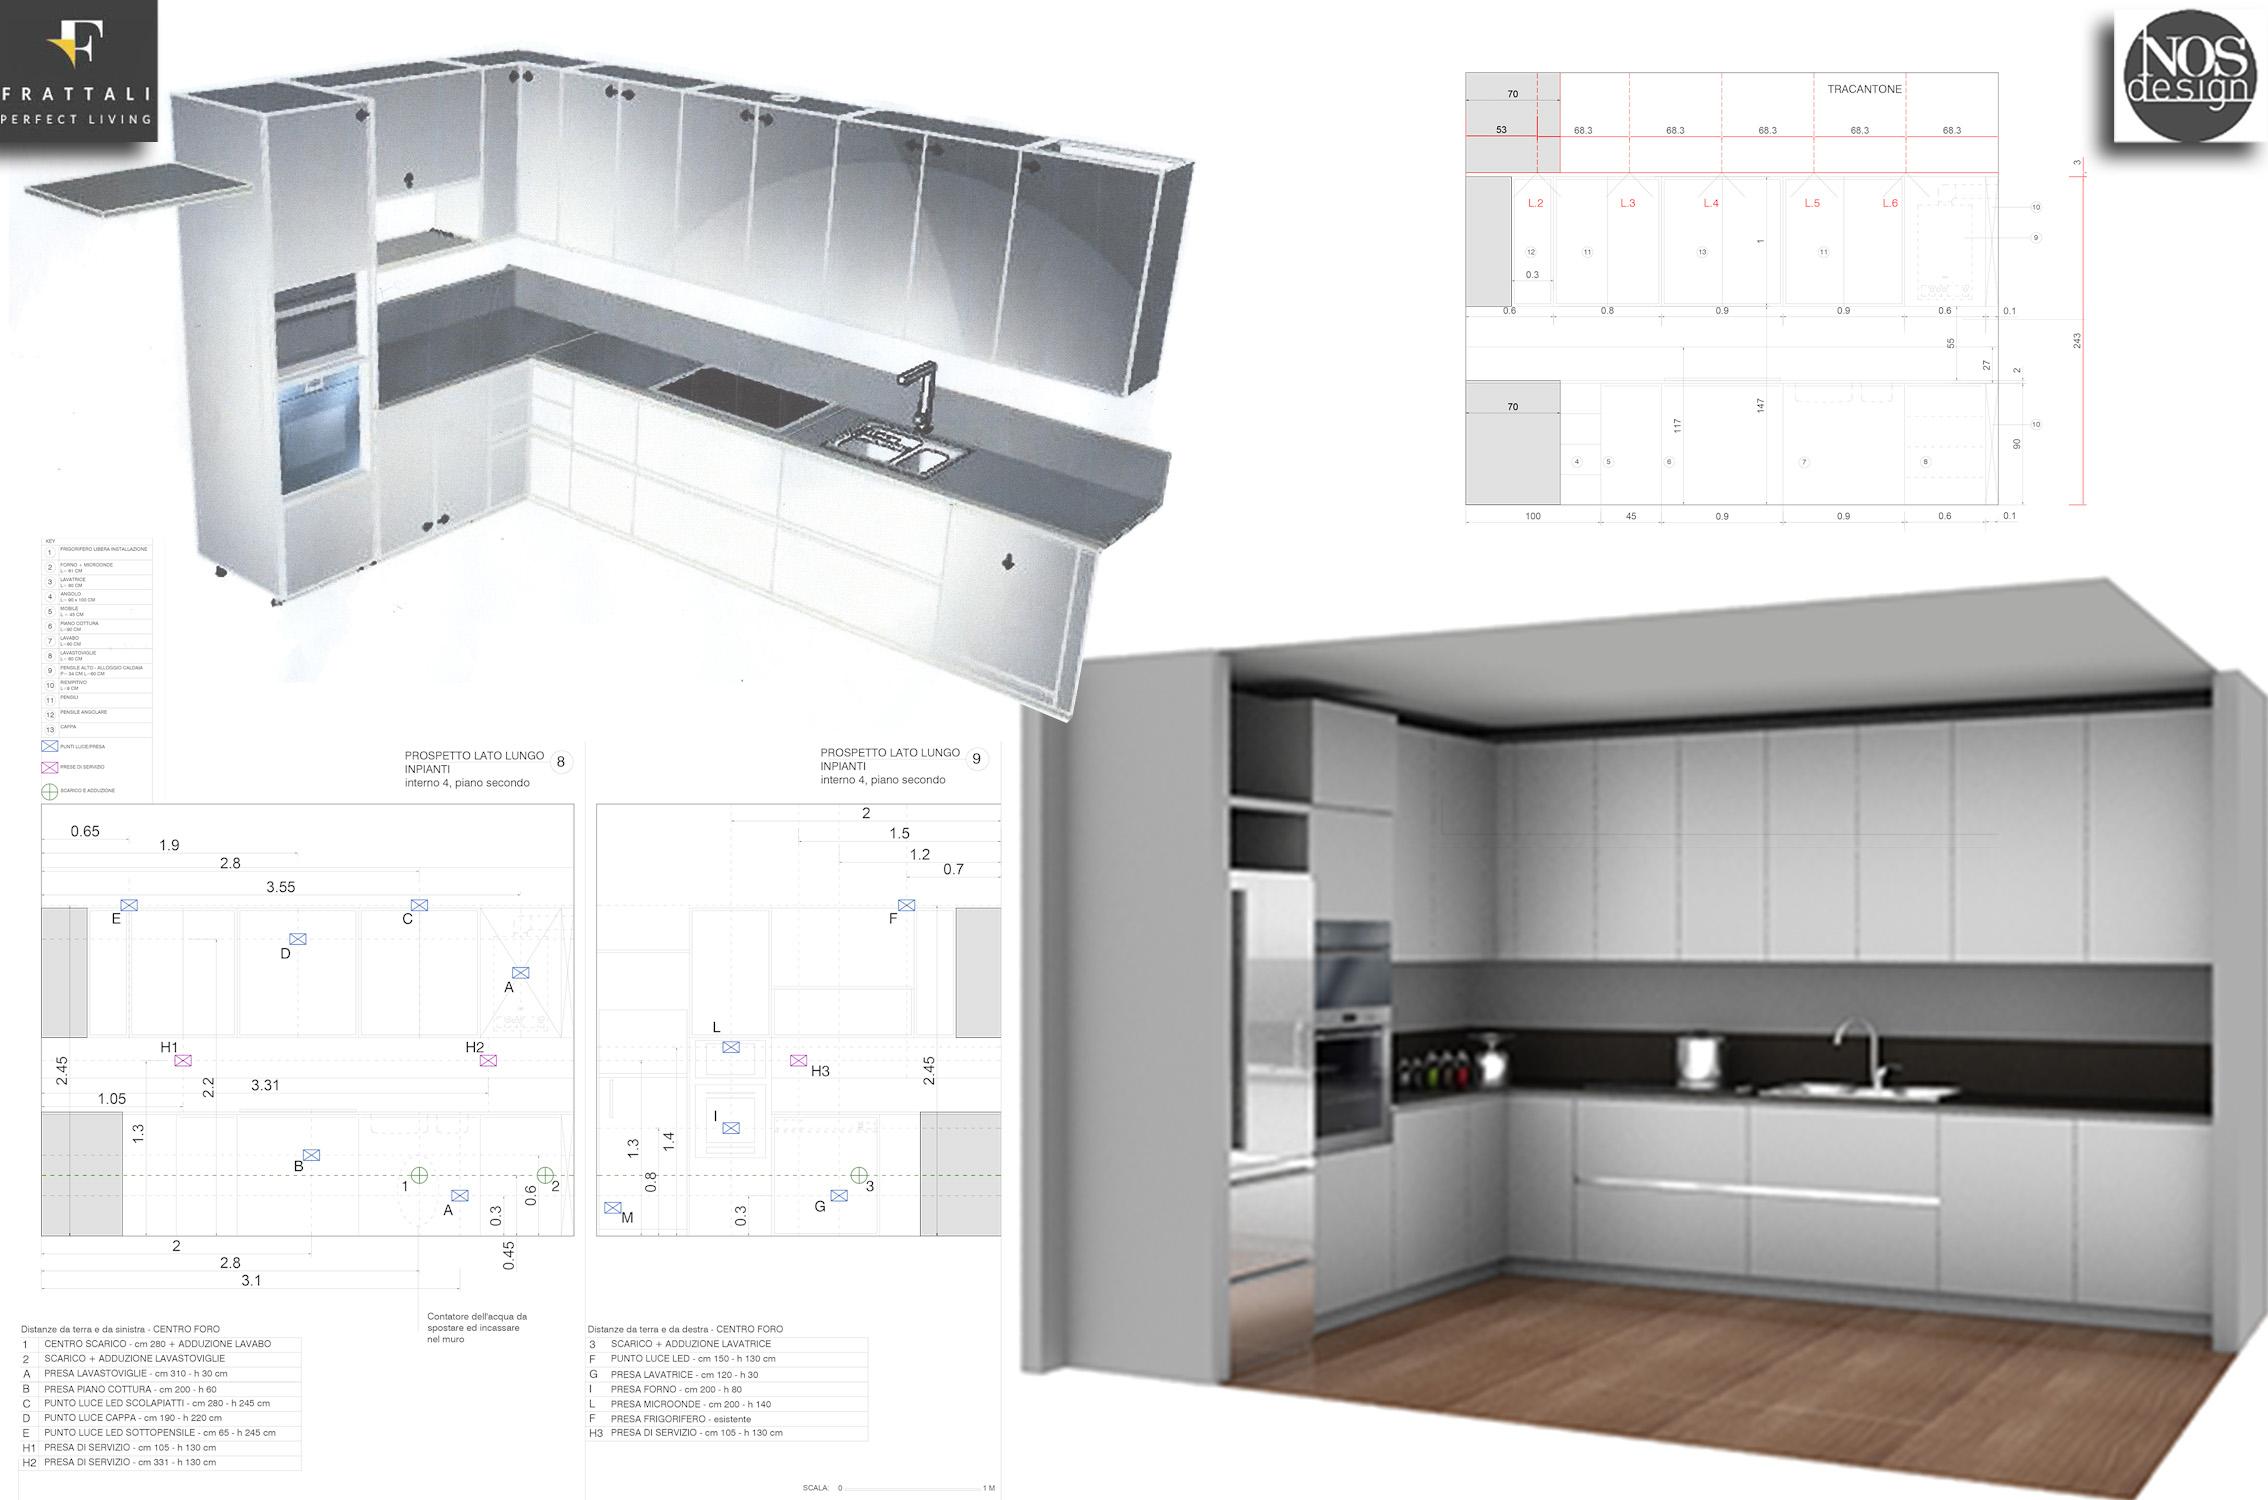 Punti luce cucina punti luce cucina rifare bagno e cucina sgombri di mobilio e punti with punti - Punti luce in cucina ...